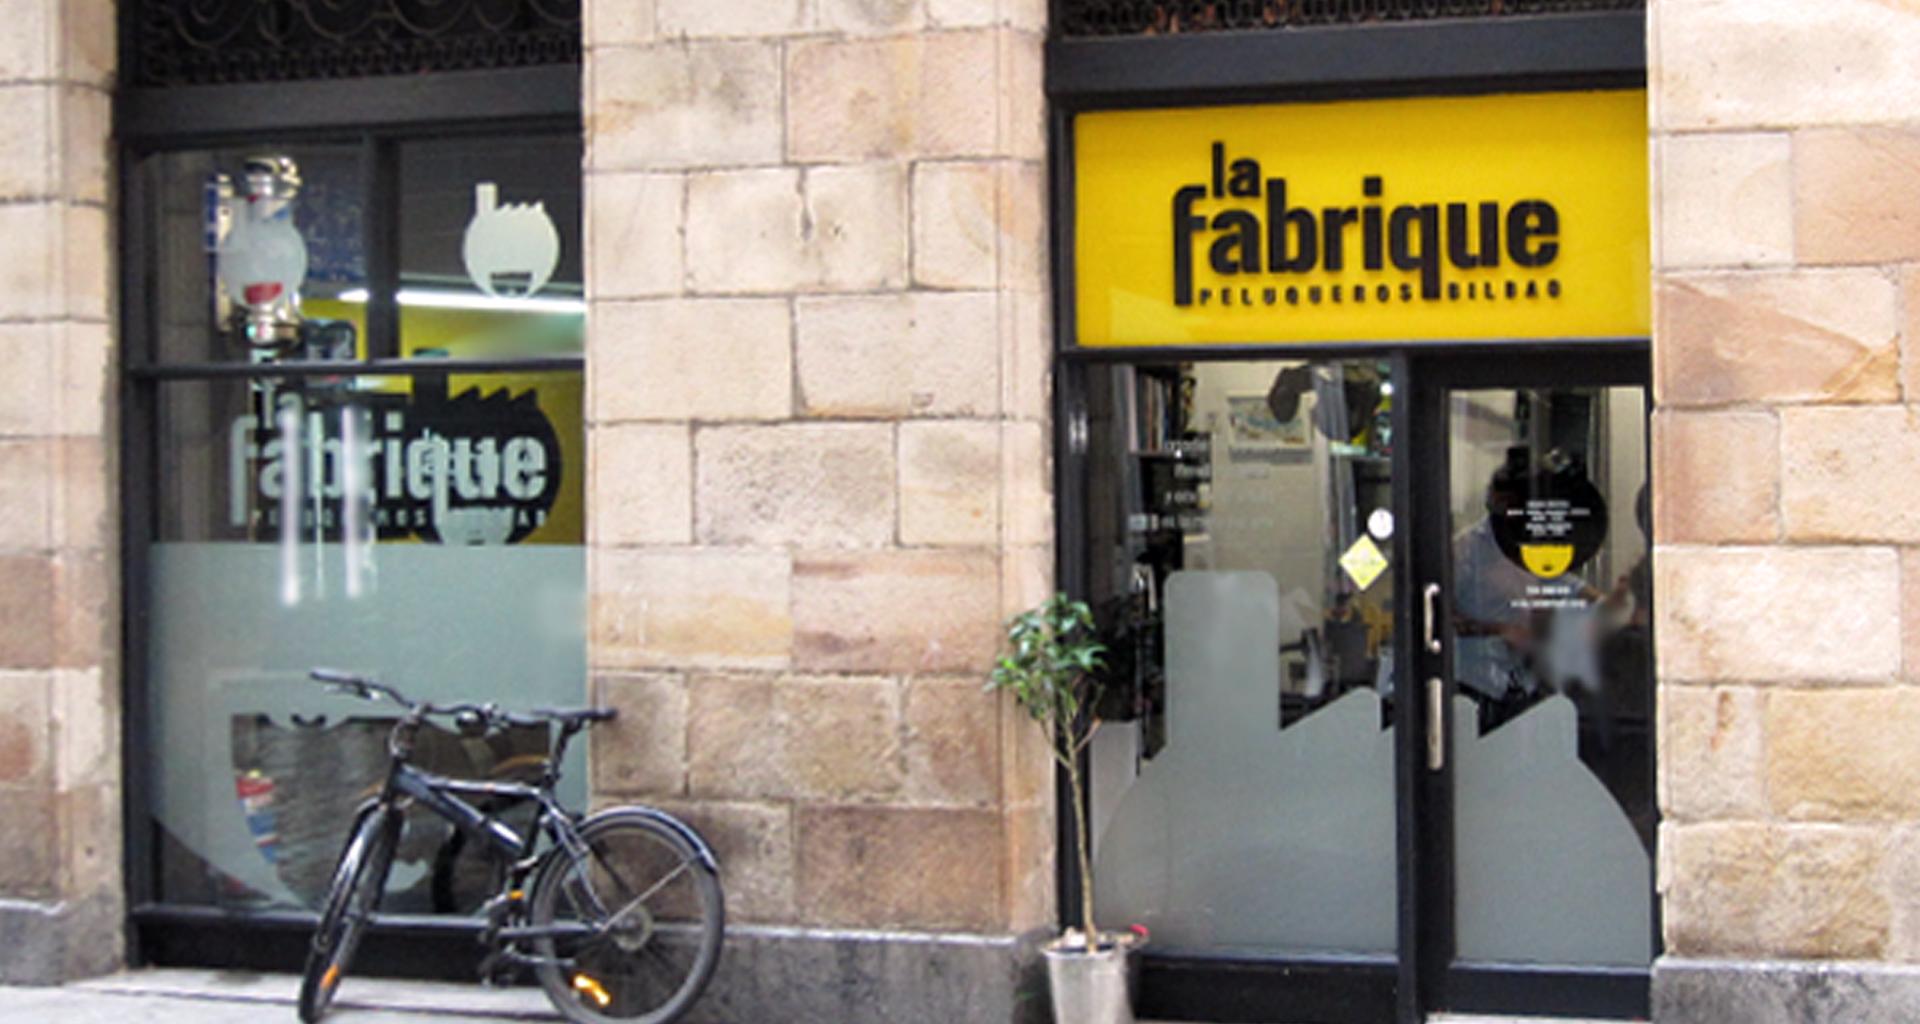 la-fabrique-peluqueros-bilbao-peluqueria-organica-de-autor-bilbao-10